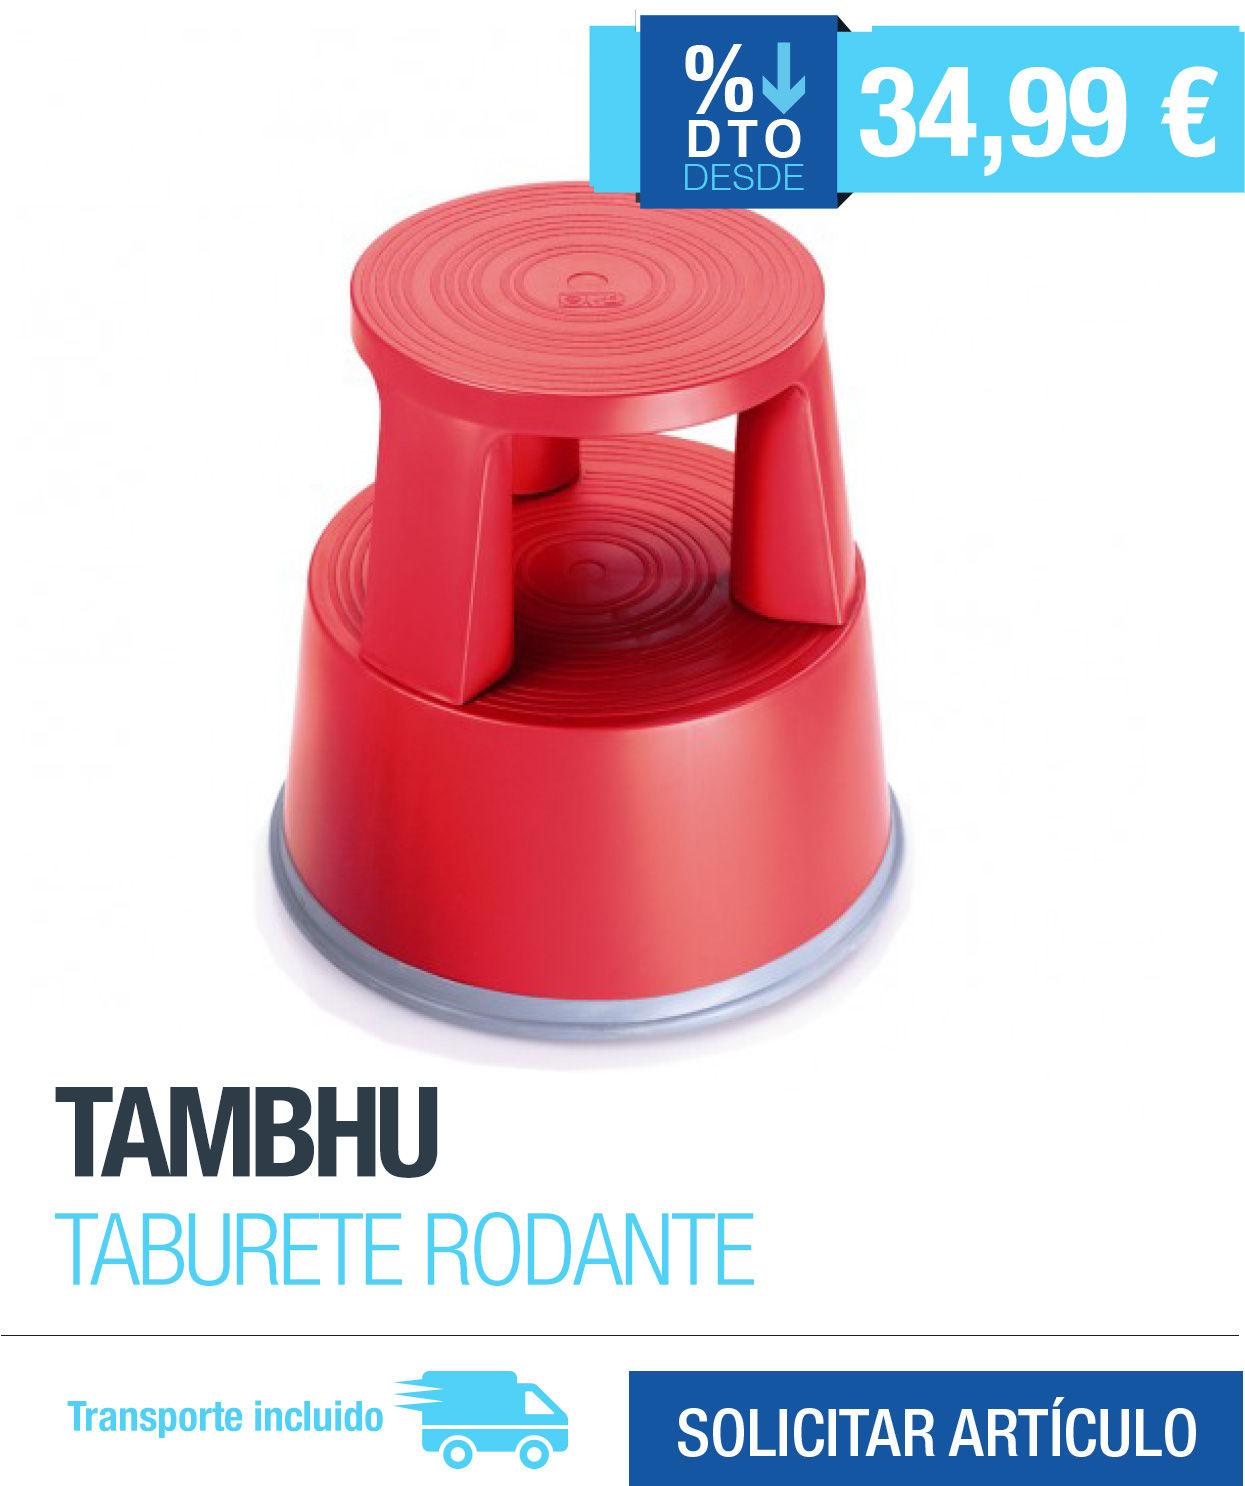 promo-tambhu